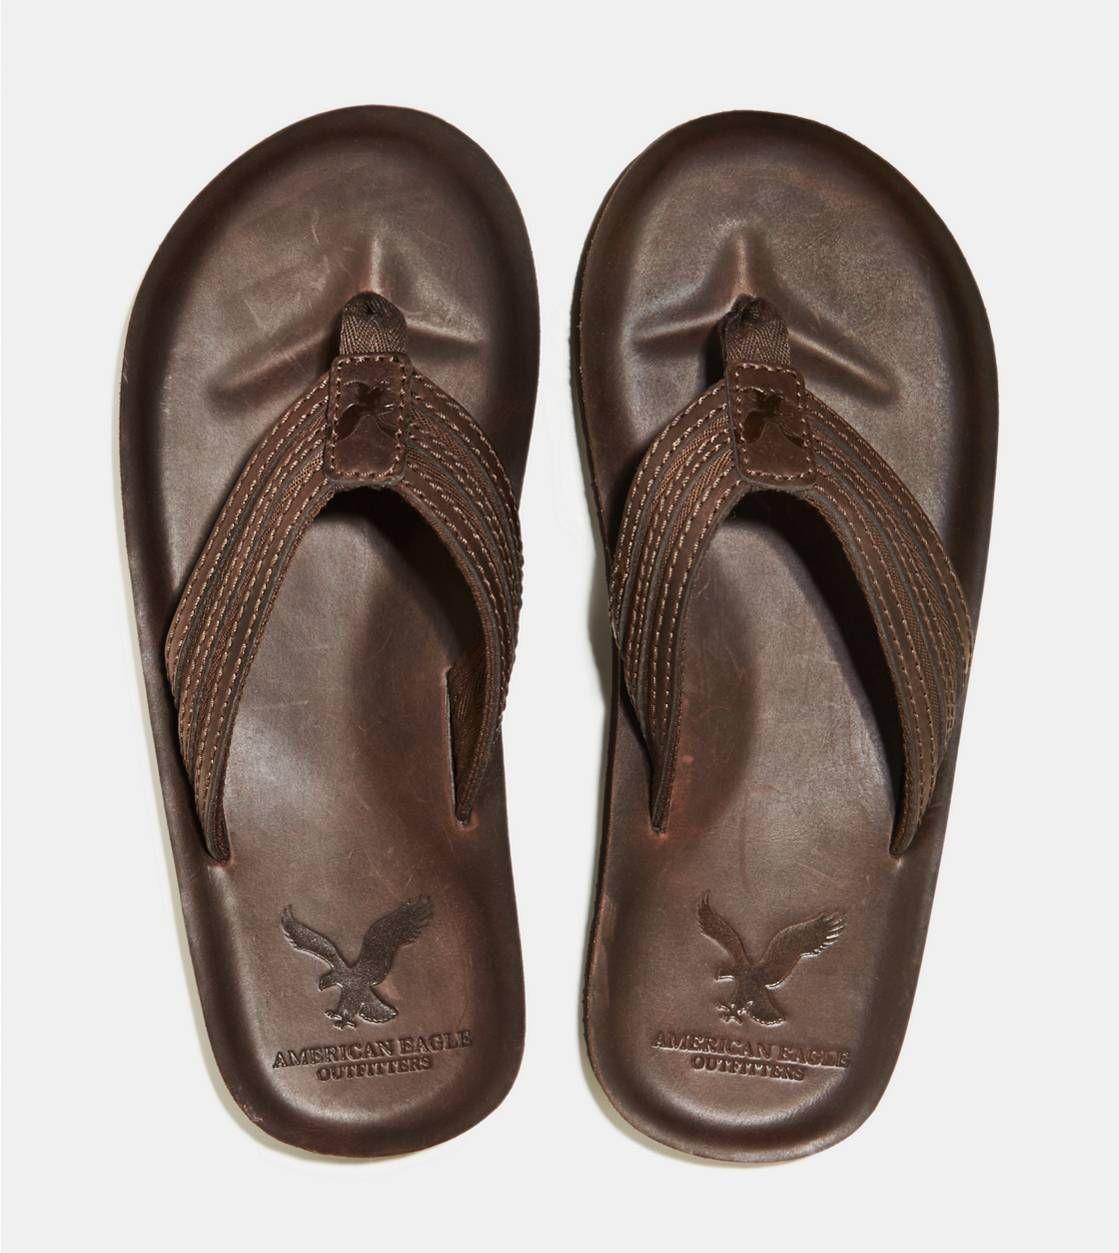 Men's Clearance - Footwear. Men's Flip FlopsLeather Flip FlopsAeoAmerican  Eagle OutfittersLighterCosta RicaBarefootDark ...